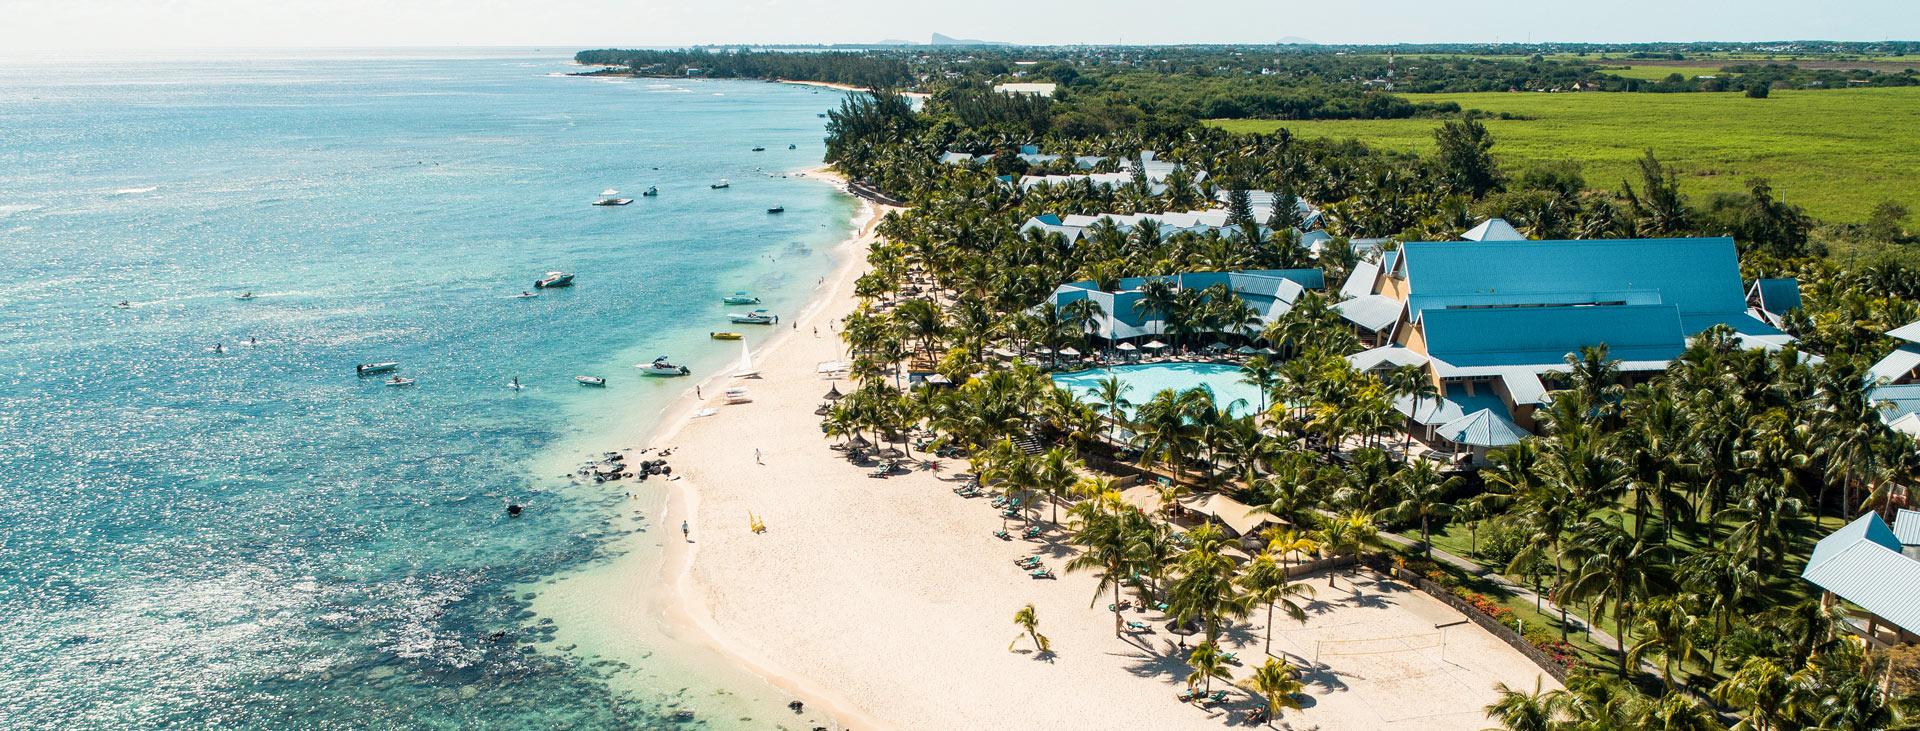 Victoria Beachcomber Resort & Spa, Mauritius, Mauritius